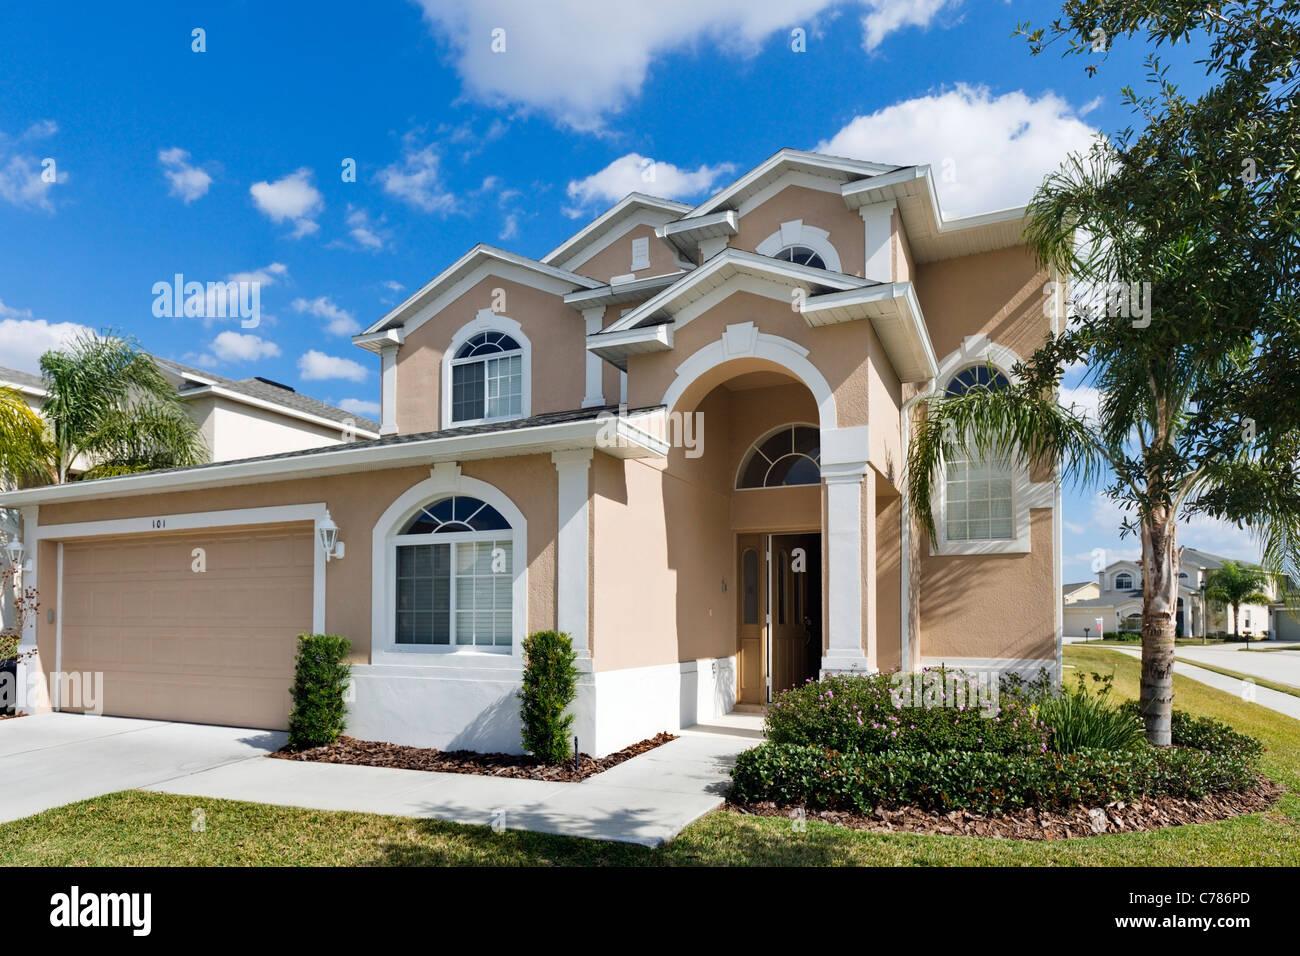 Tipica casa vacanze lusso in West Haven sviluppo, Davenport, Kissimmee, Orlando, Florida, Stati Uniti d'America Immagini Stock